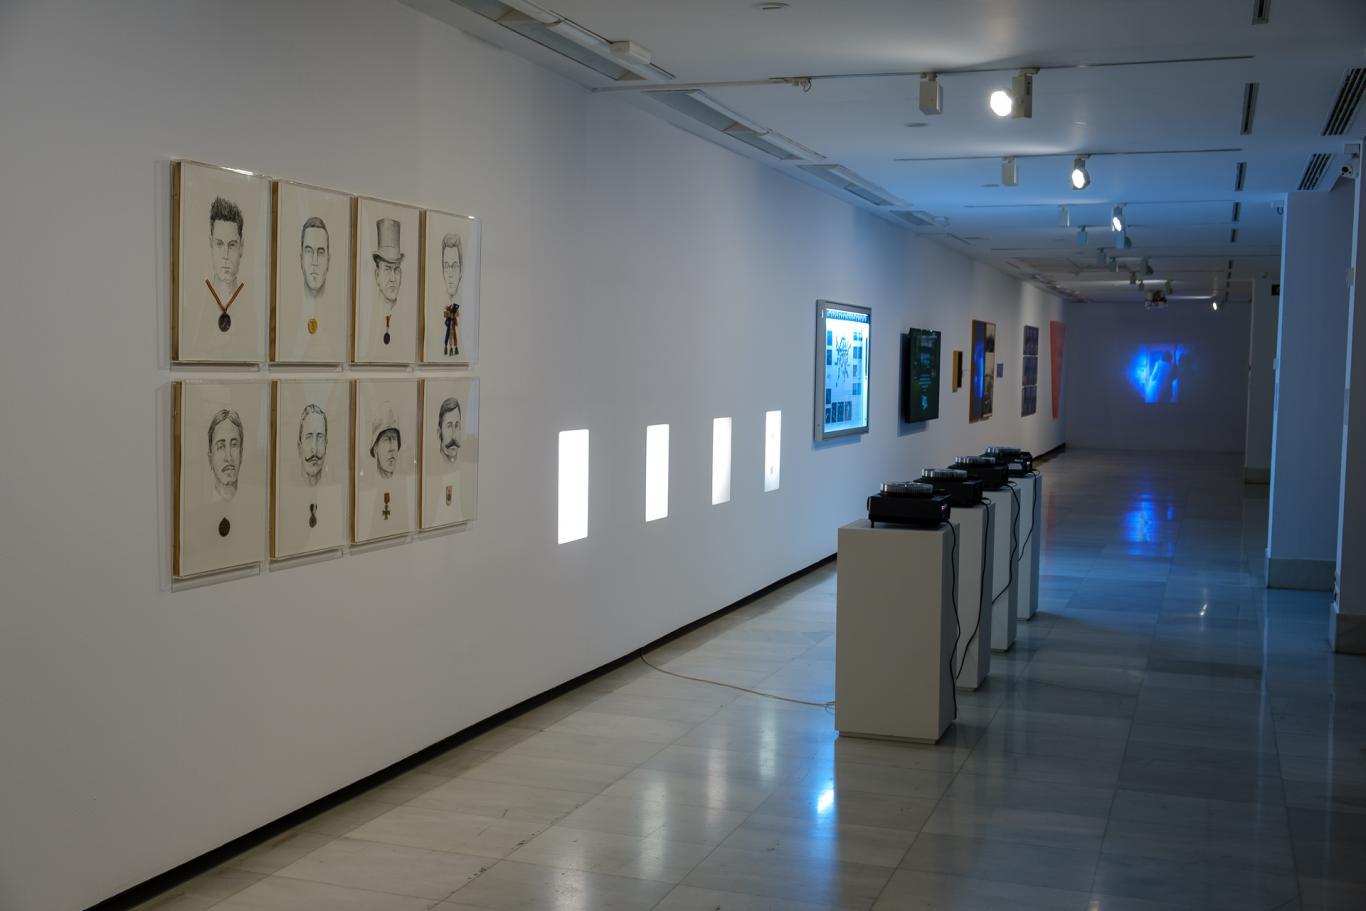 Sala de exposiciones con audiovisuales y proyecciones en la pared